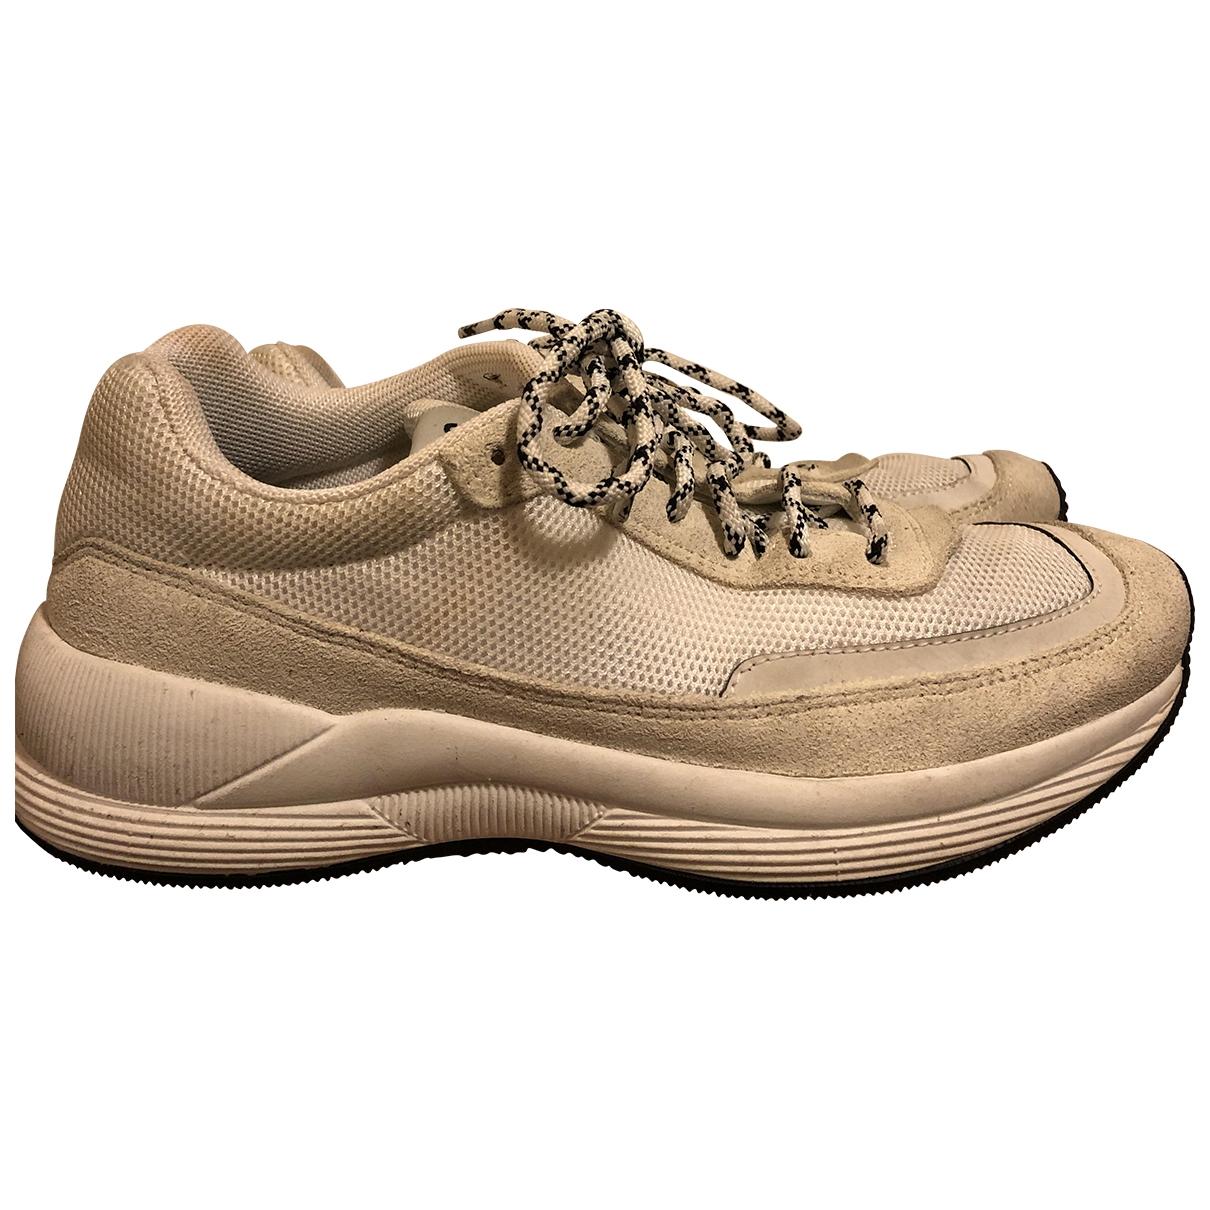 Apc - Baskets   pour femme - blanc